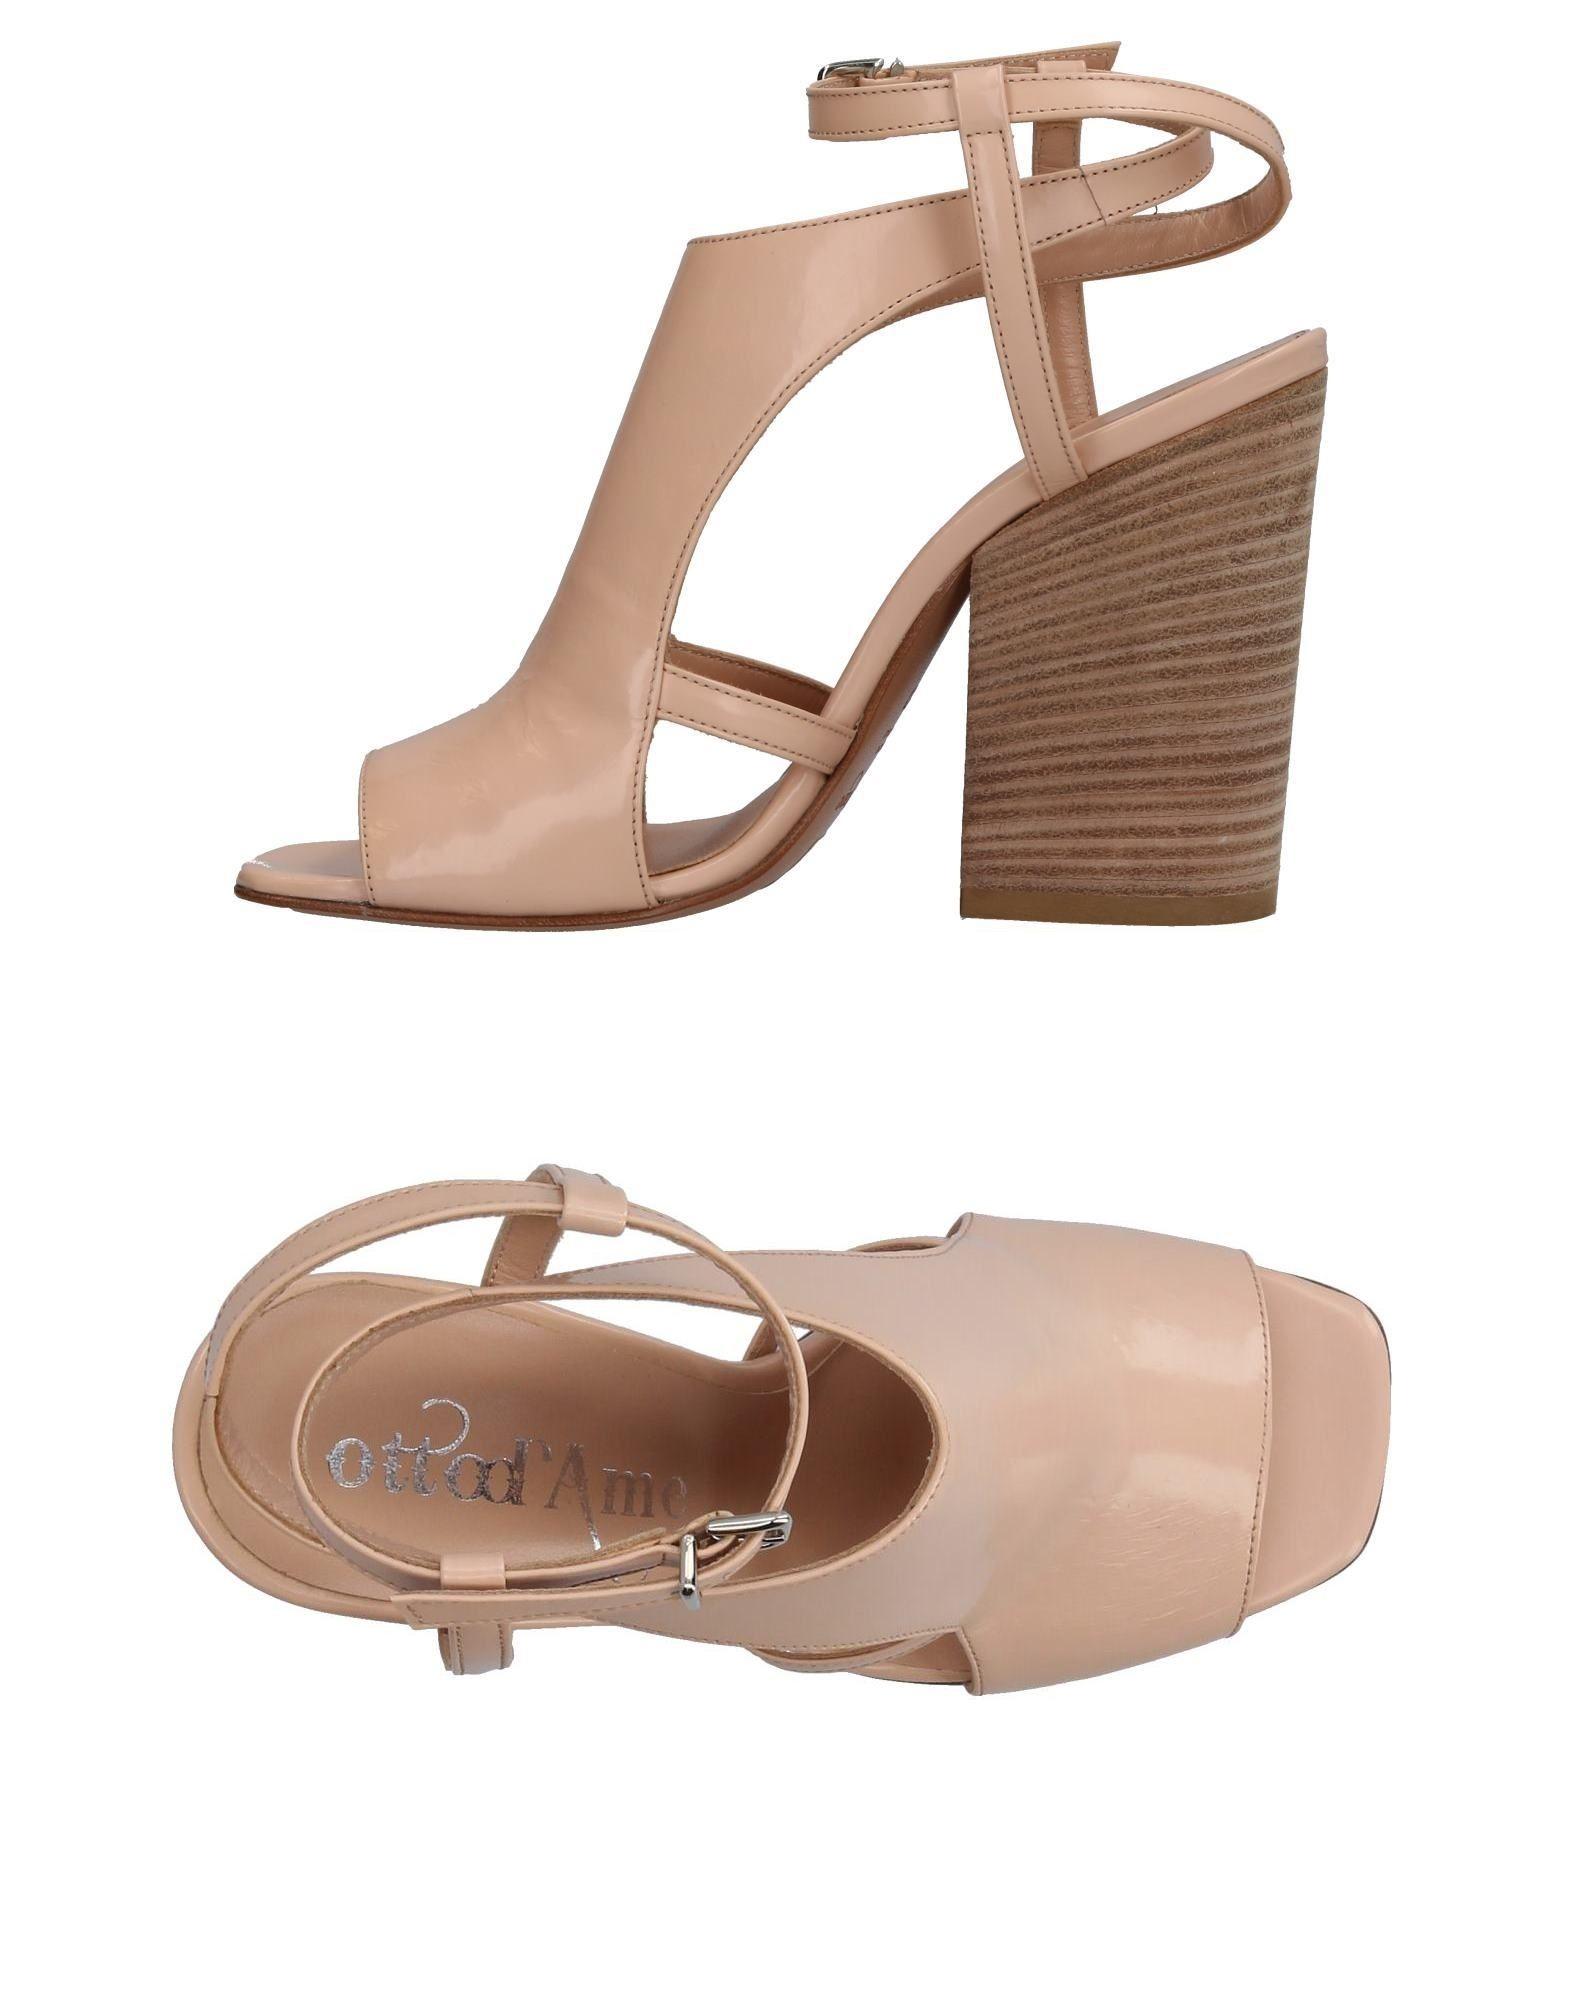 Ottod'ame Sandalen Damen  11362561KW Gute Qualität beliebte Schuhe